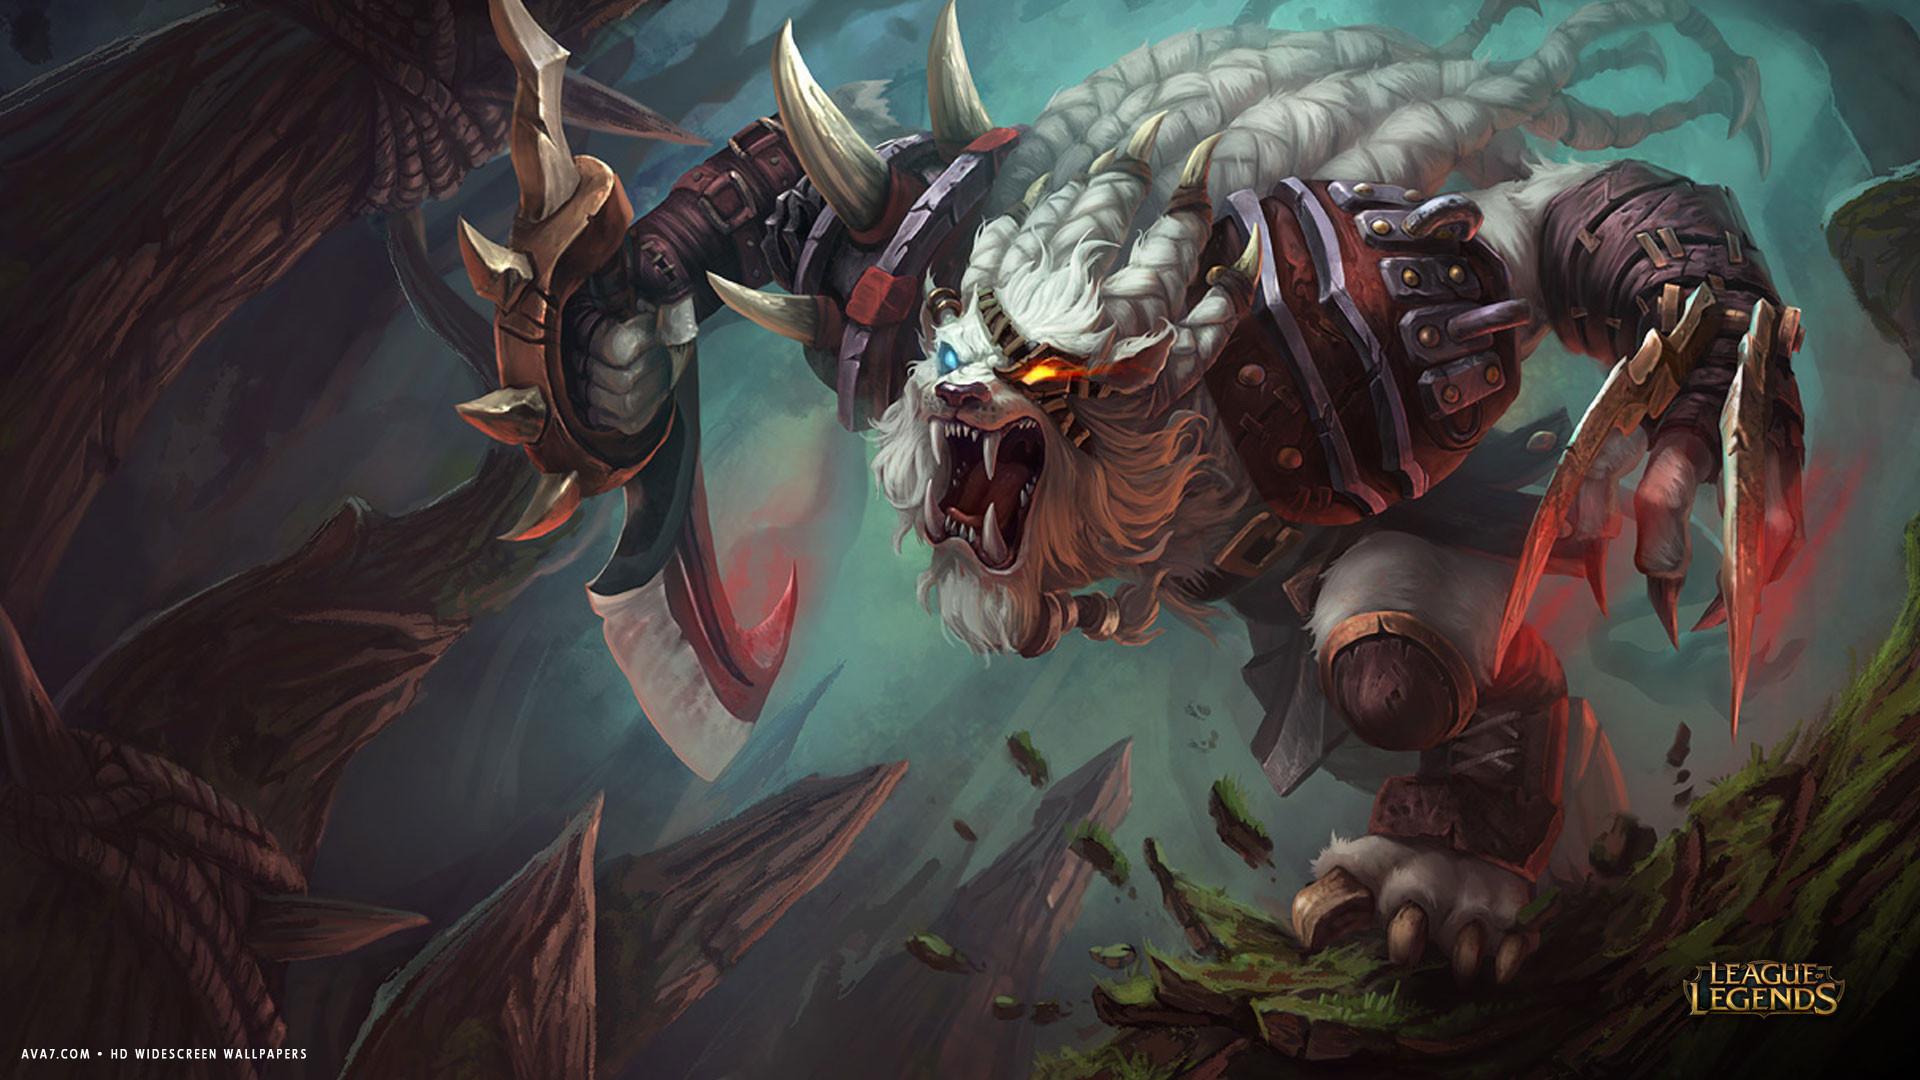 league of legends game lol rengar monster hd widescreen wallpaper .